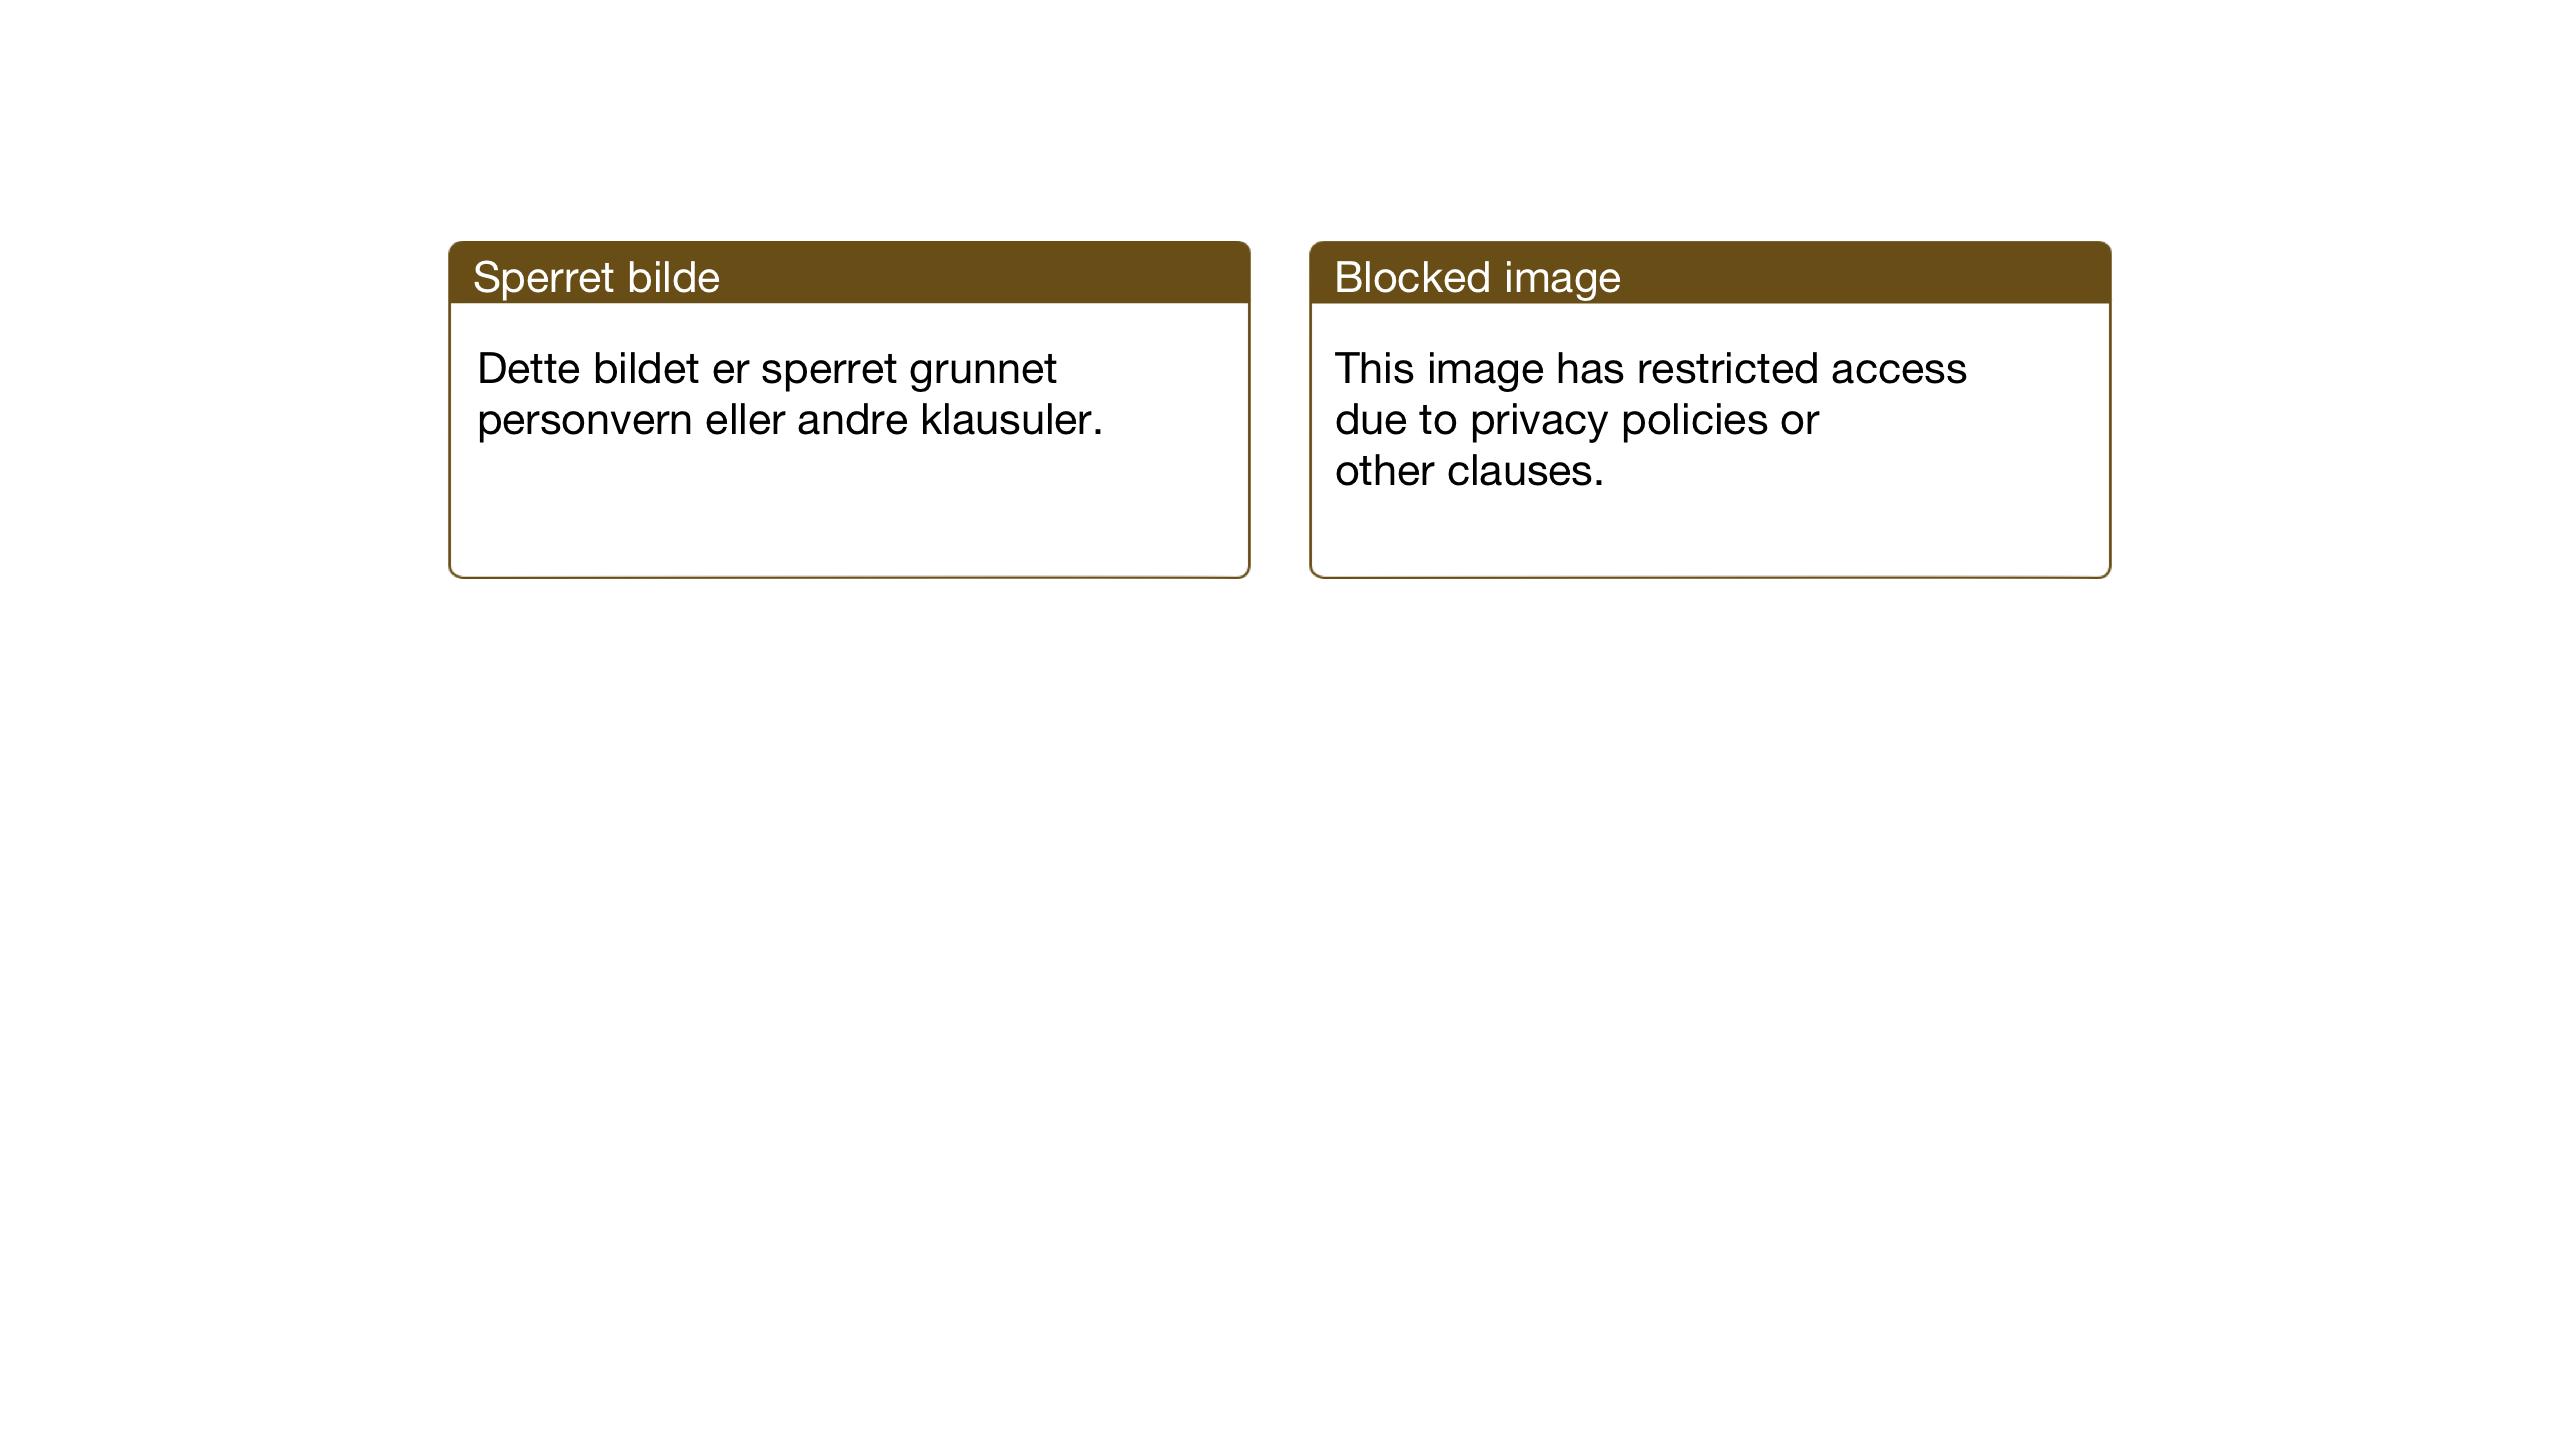 SAT, Ministerialprotokoller, klokkerbøker og fødselsregistre - Sør-Trøndelag, 604/L0227: Klokkerbok nr. 604C10, 1923-1942, s. 136